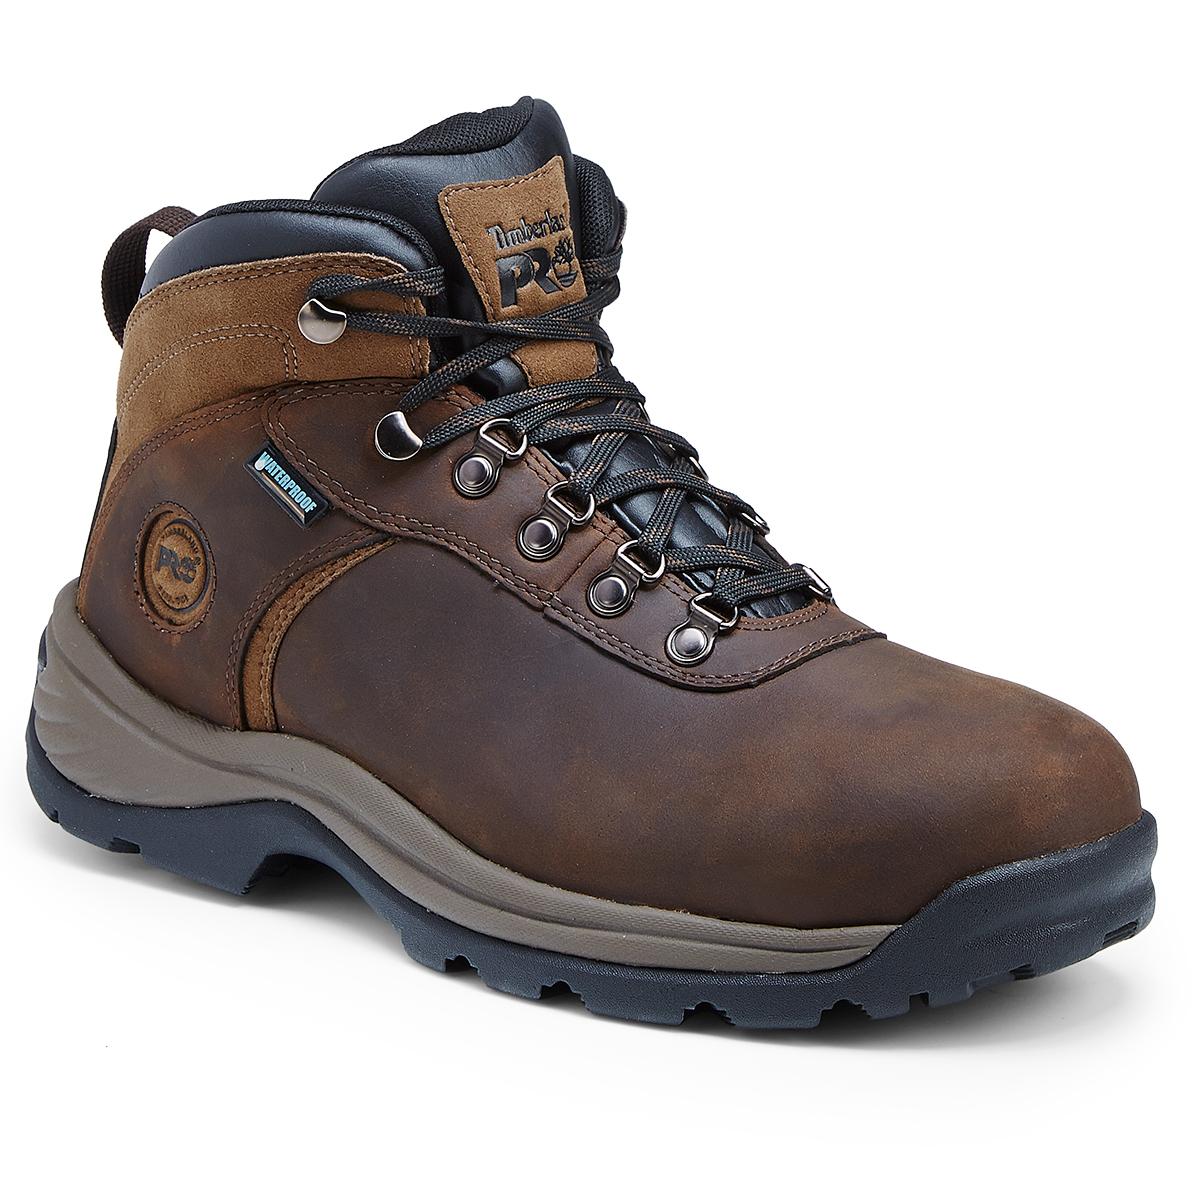 Flume Hiker Waterproof Steel Toe